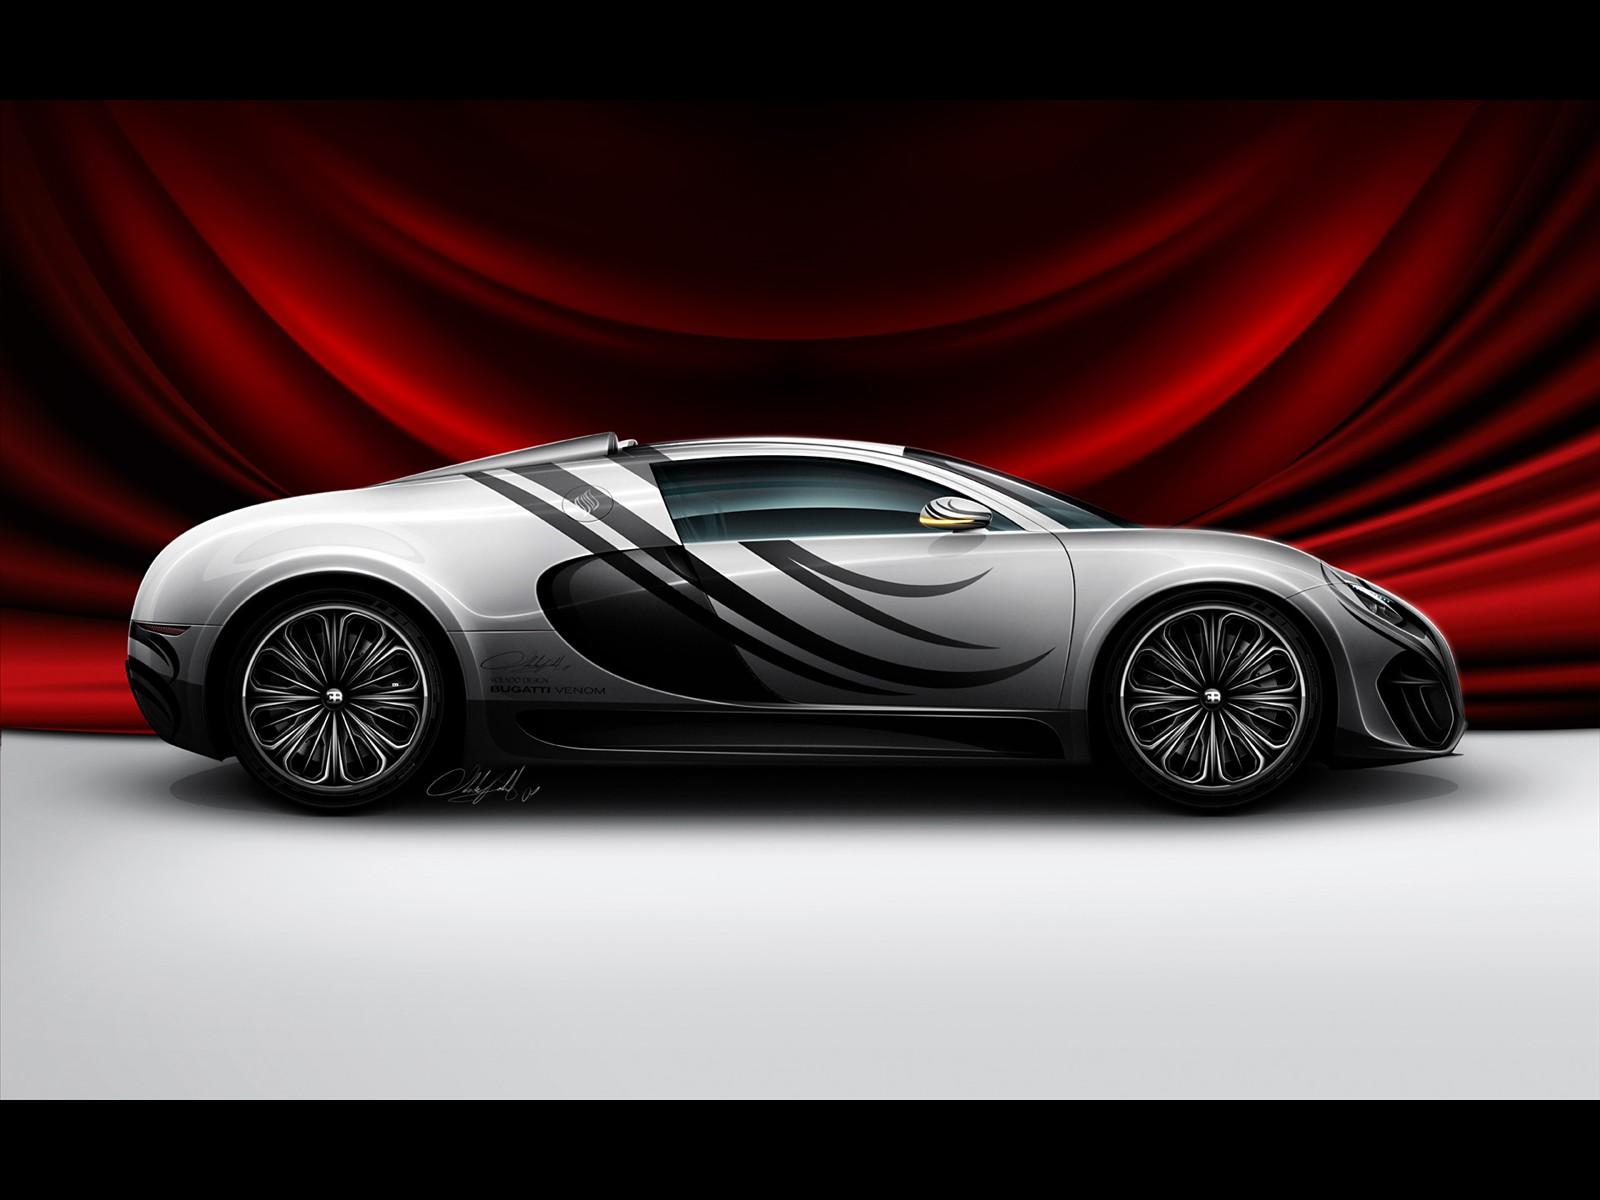 Cars Bugatti Venom Concept Rear View HD Wallpaper Gallery Free